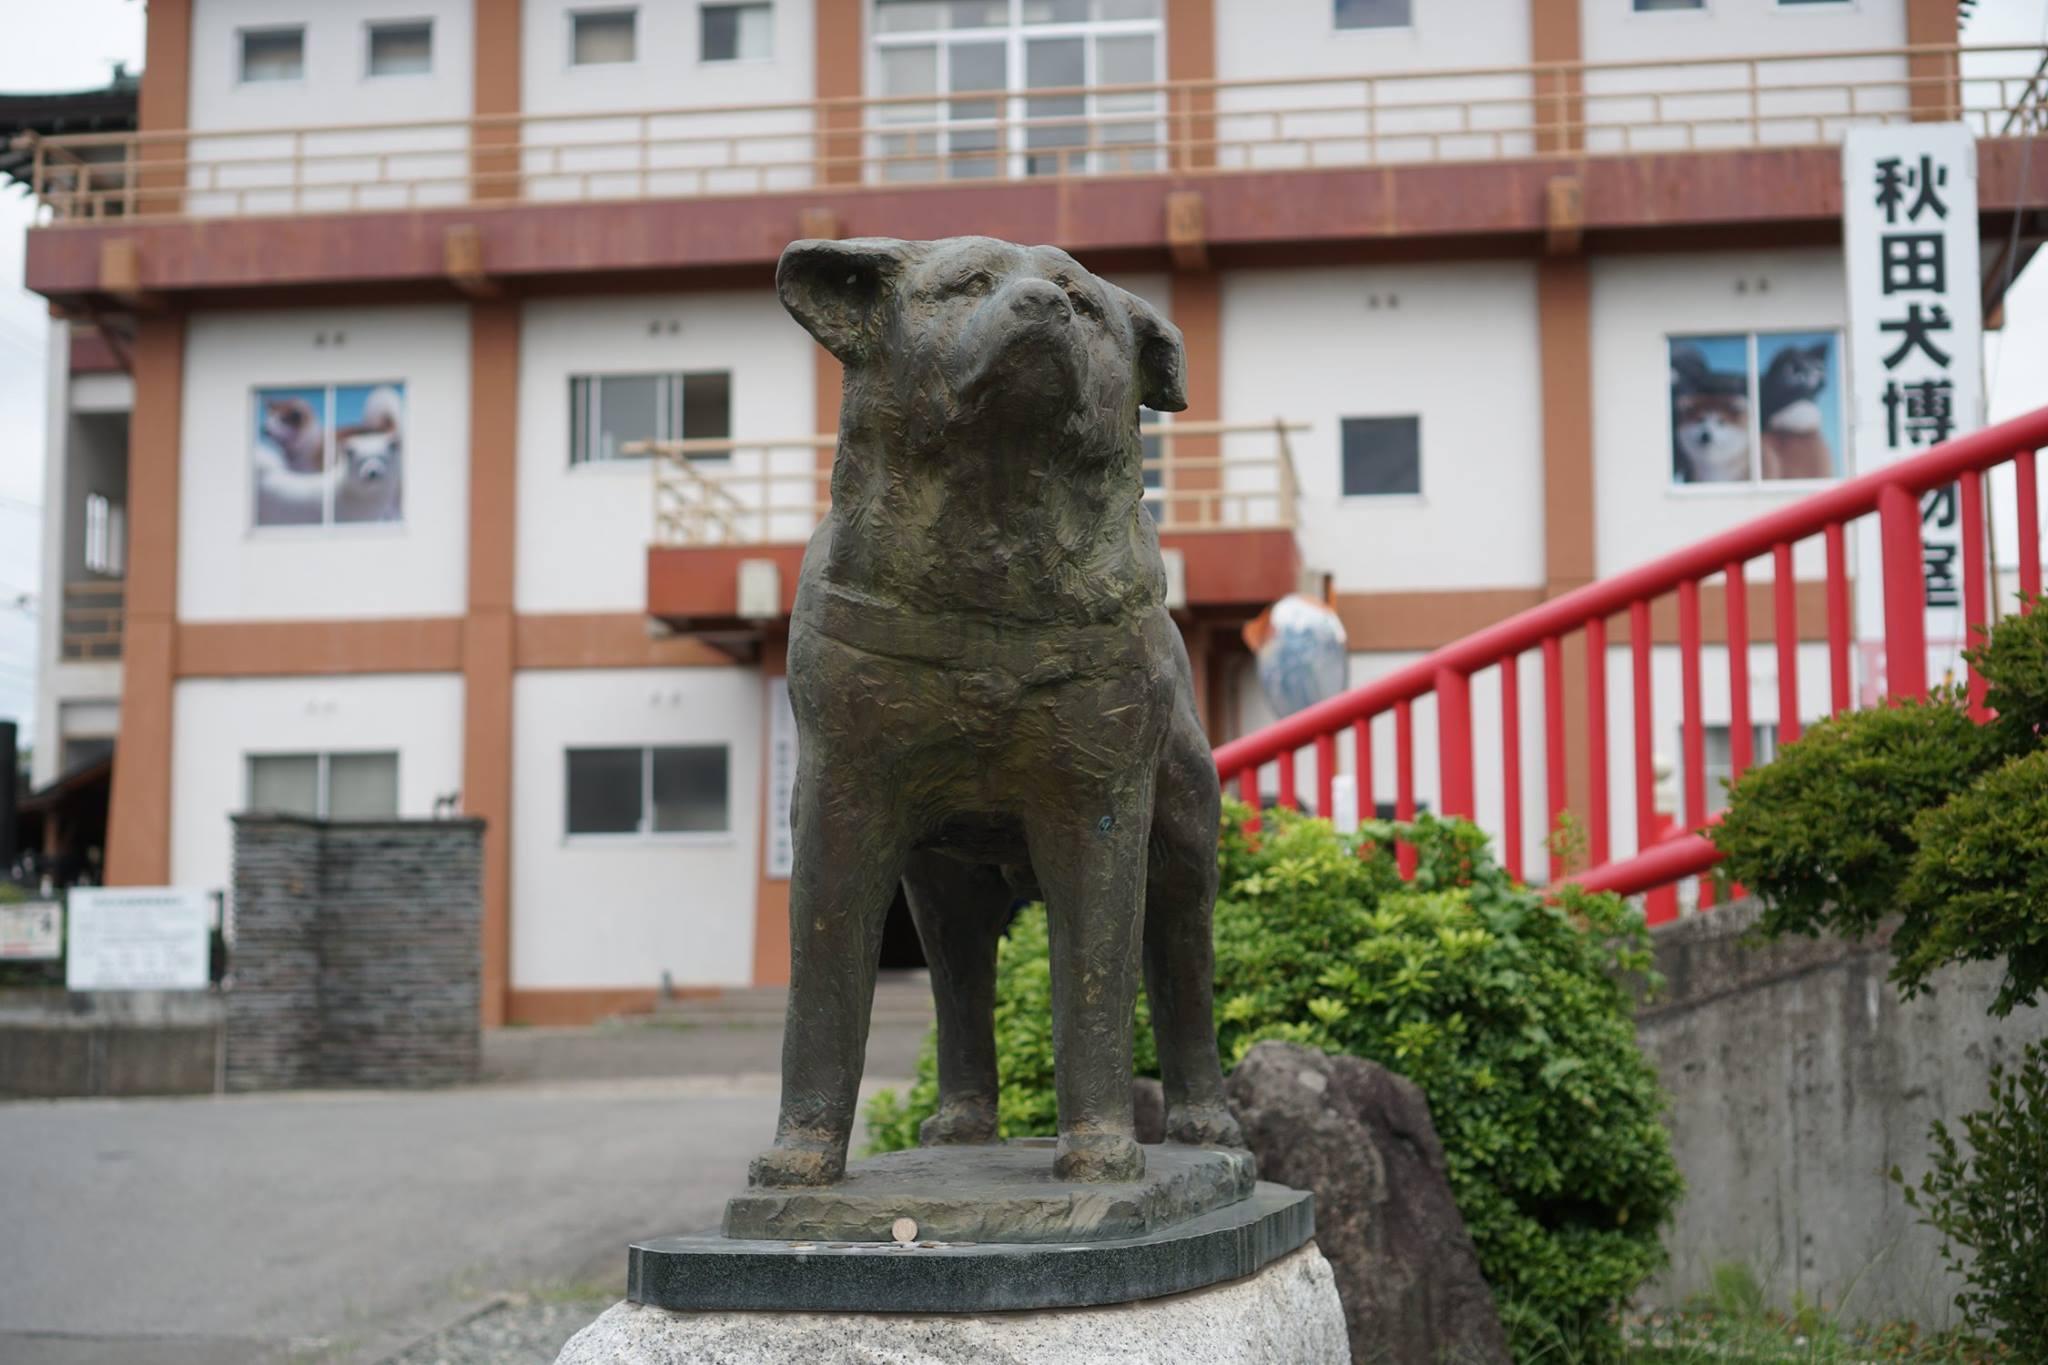 秋田犬に会いに行く◆秋田犬保存会/秋田犬会館